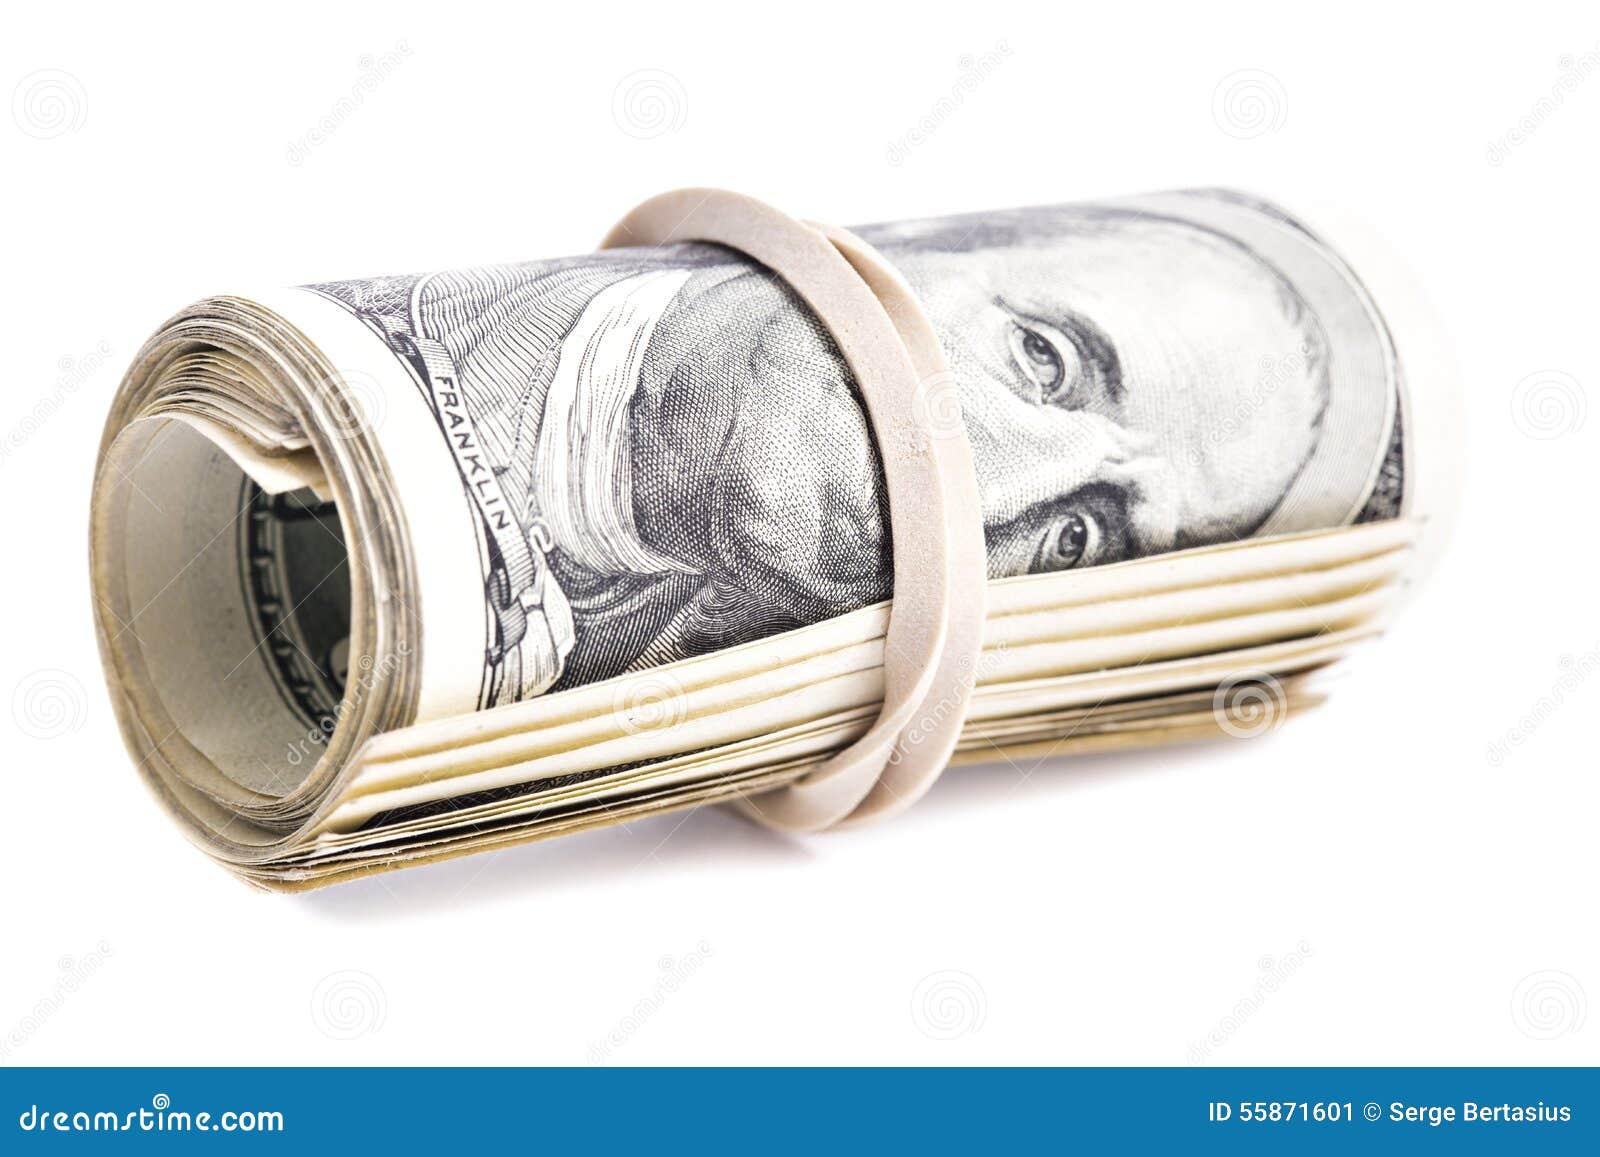 100张美元钞票卷起了并且拉紧了与橡皮筋儿